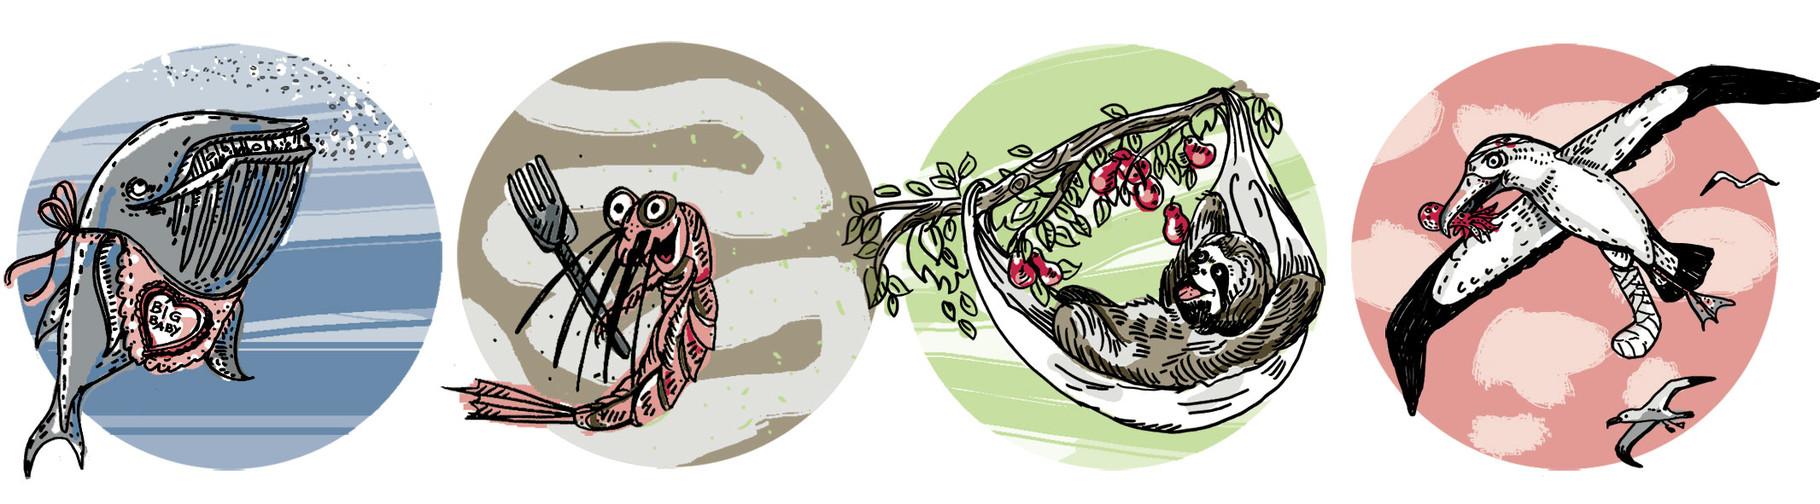 Erfindungen der Tierwelt, Illustration Leitartikel energy forum